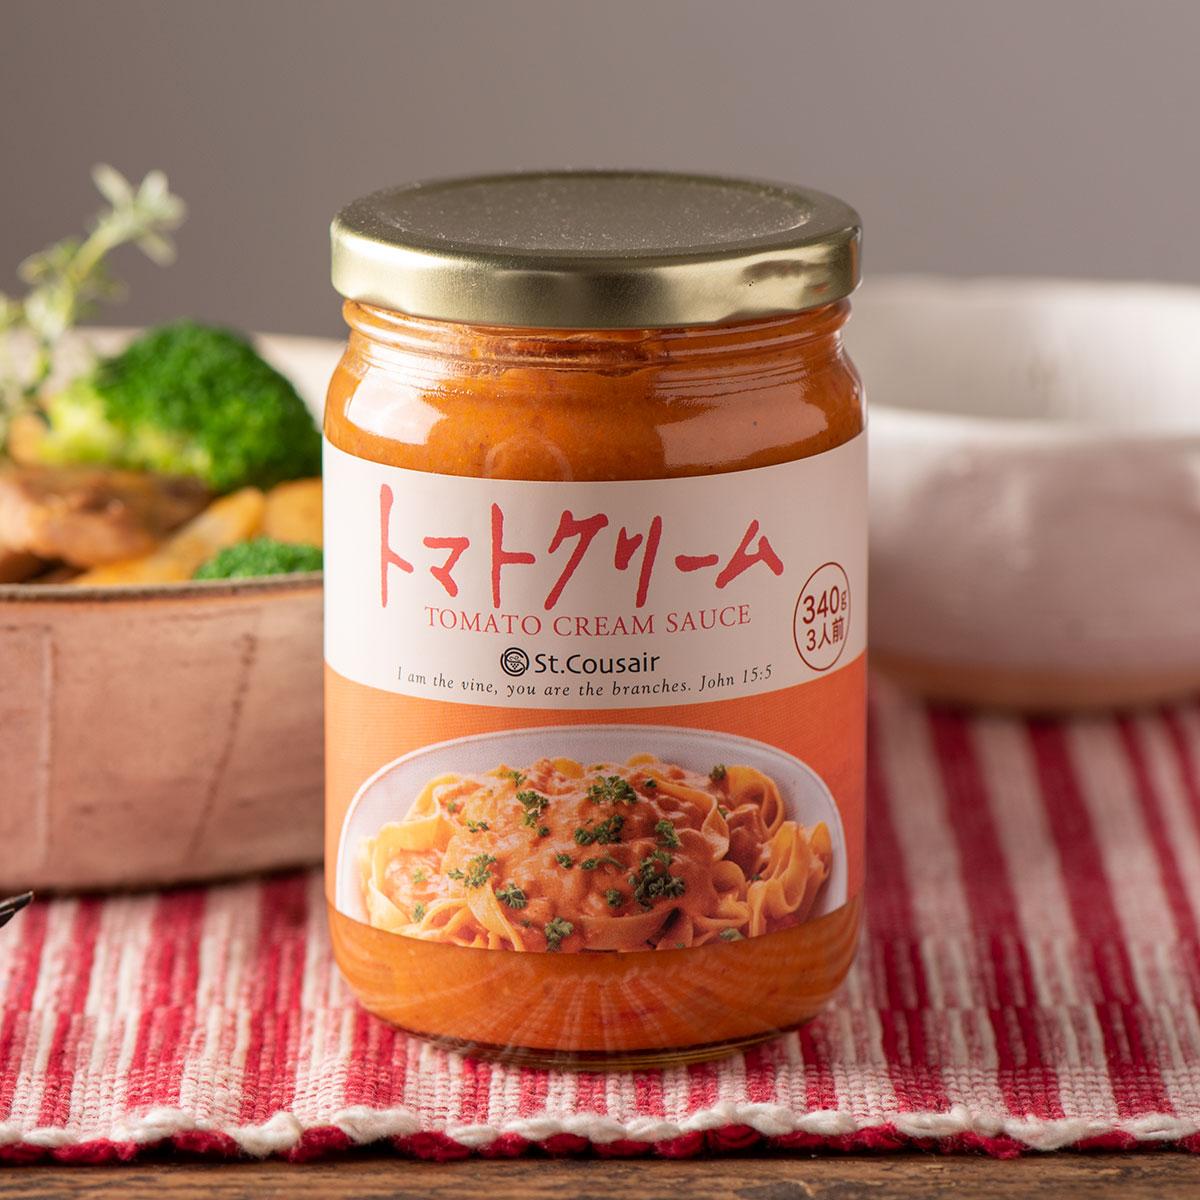 カリフォルニア産トマトの酸味と濃厚な生クリームのハーモニー パスタソース 贈与 340g トマトクリームソース 新登場